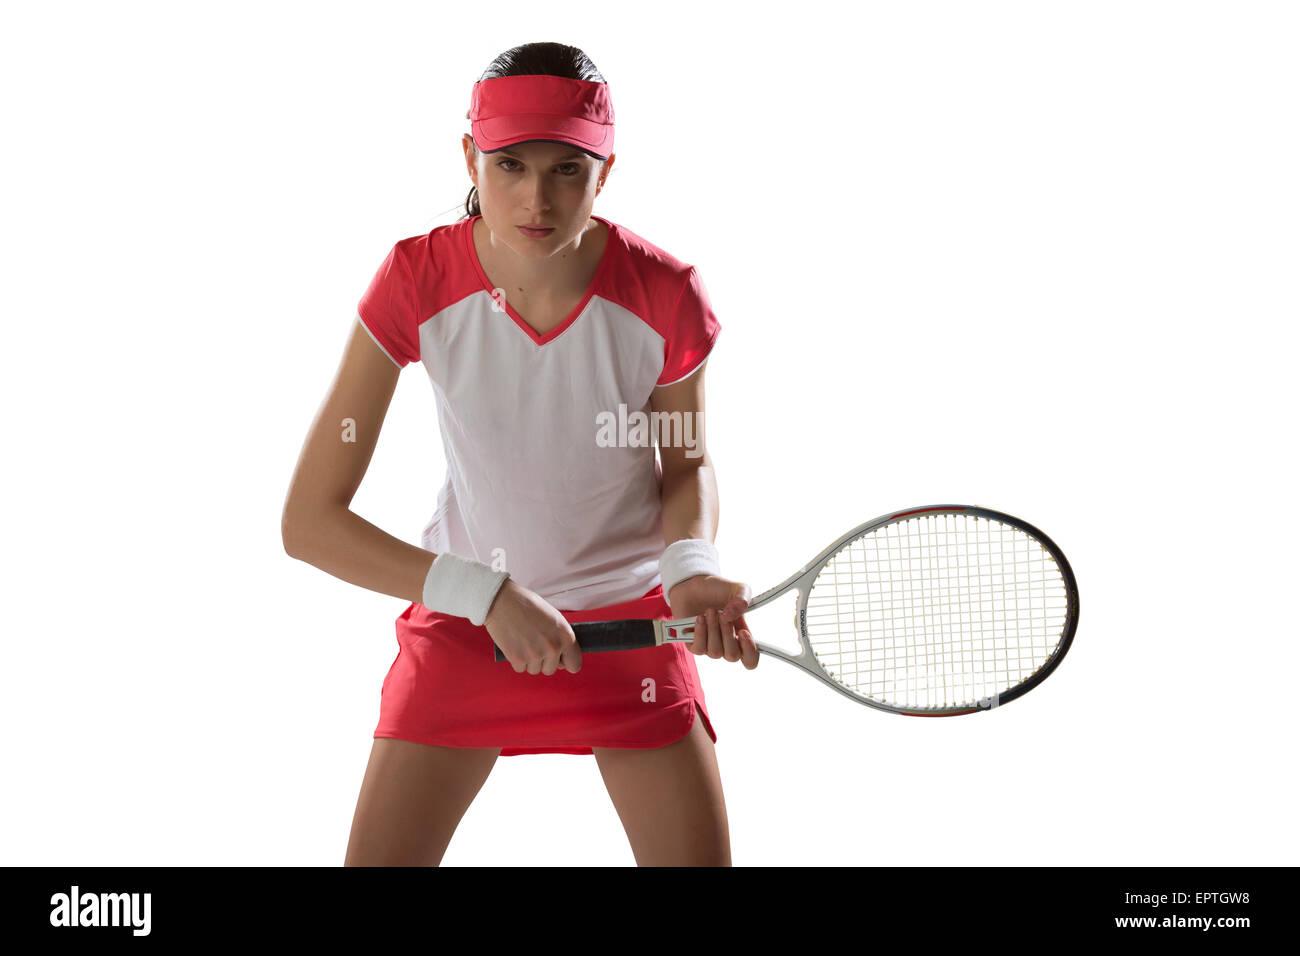 Porträt der jungen Frau, die mit dem Tennisspielen, Studioaufnahme Stockfoto